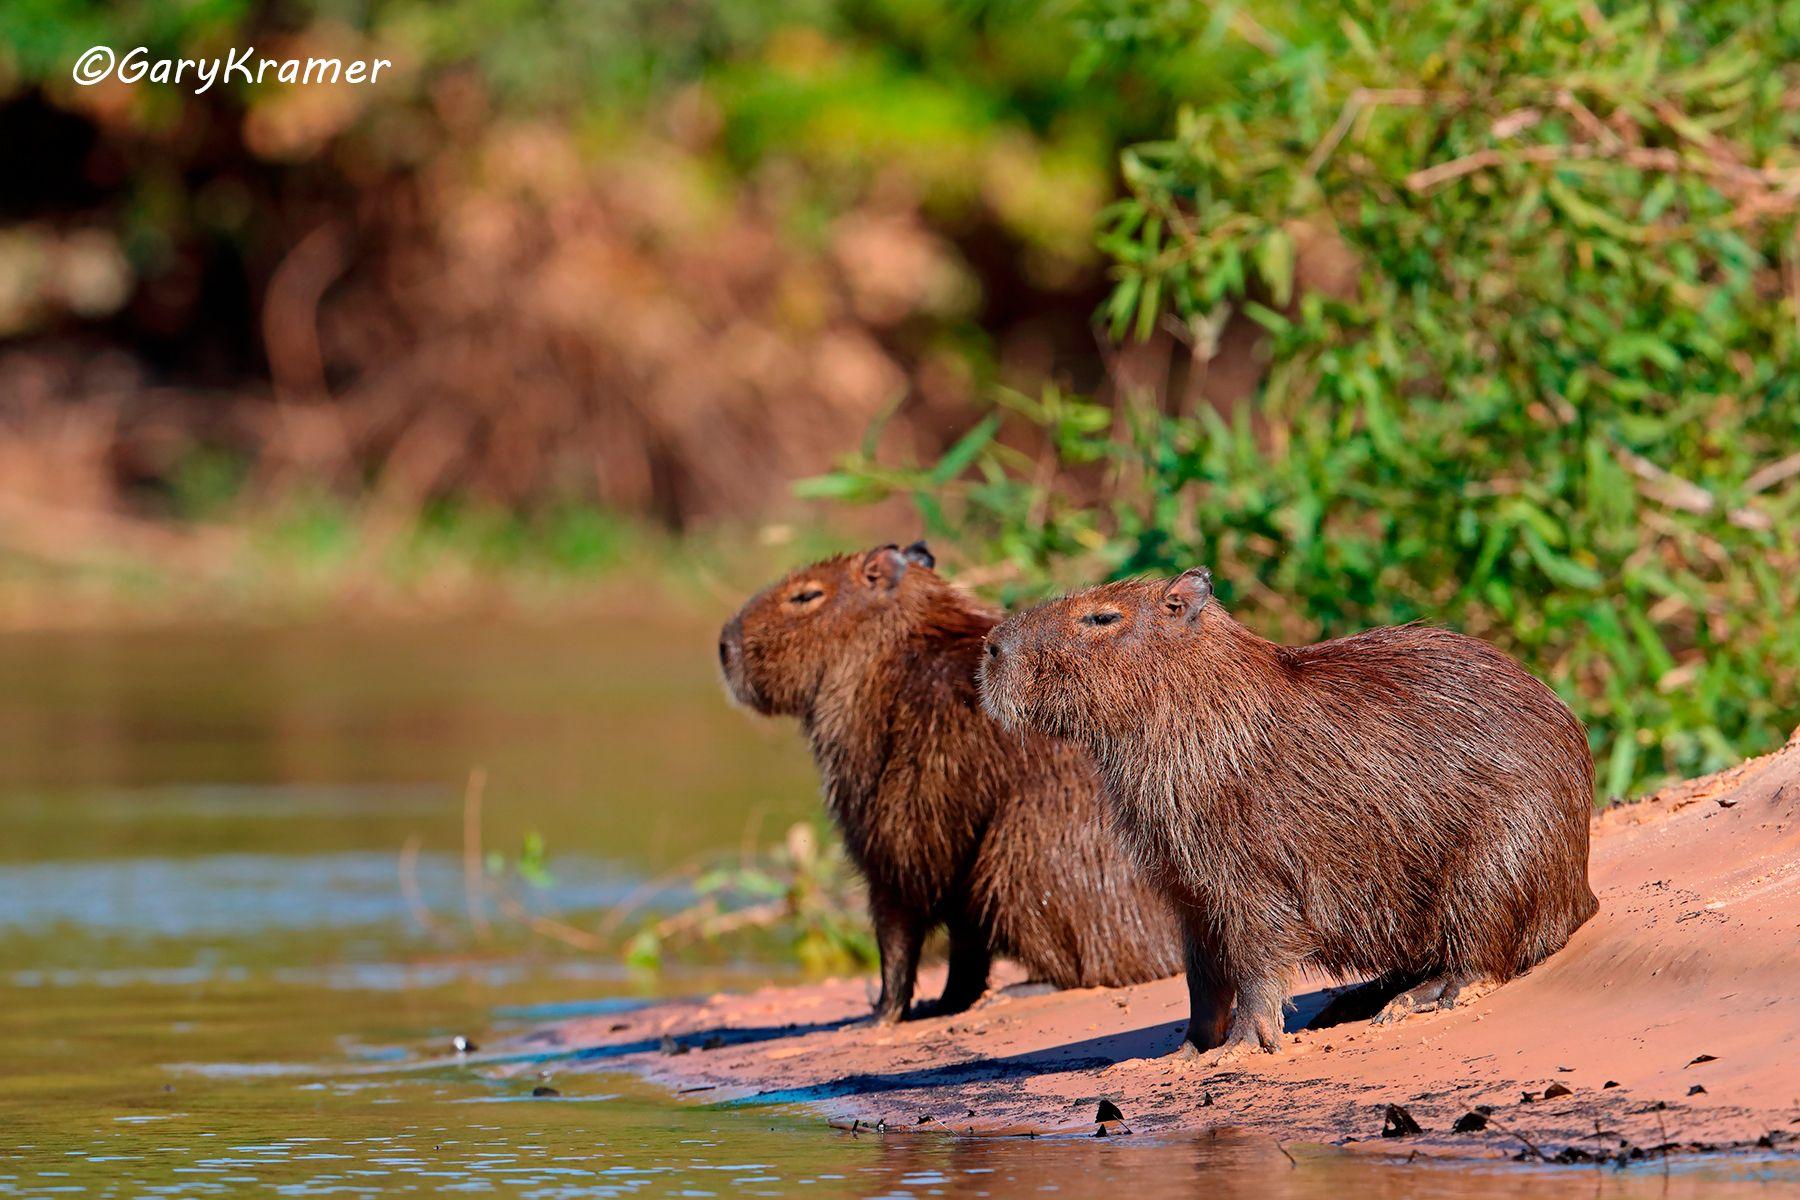 Capybara (Hydrochoerus hydrochoerus) - SMCh#009d